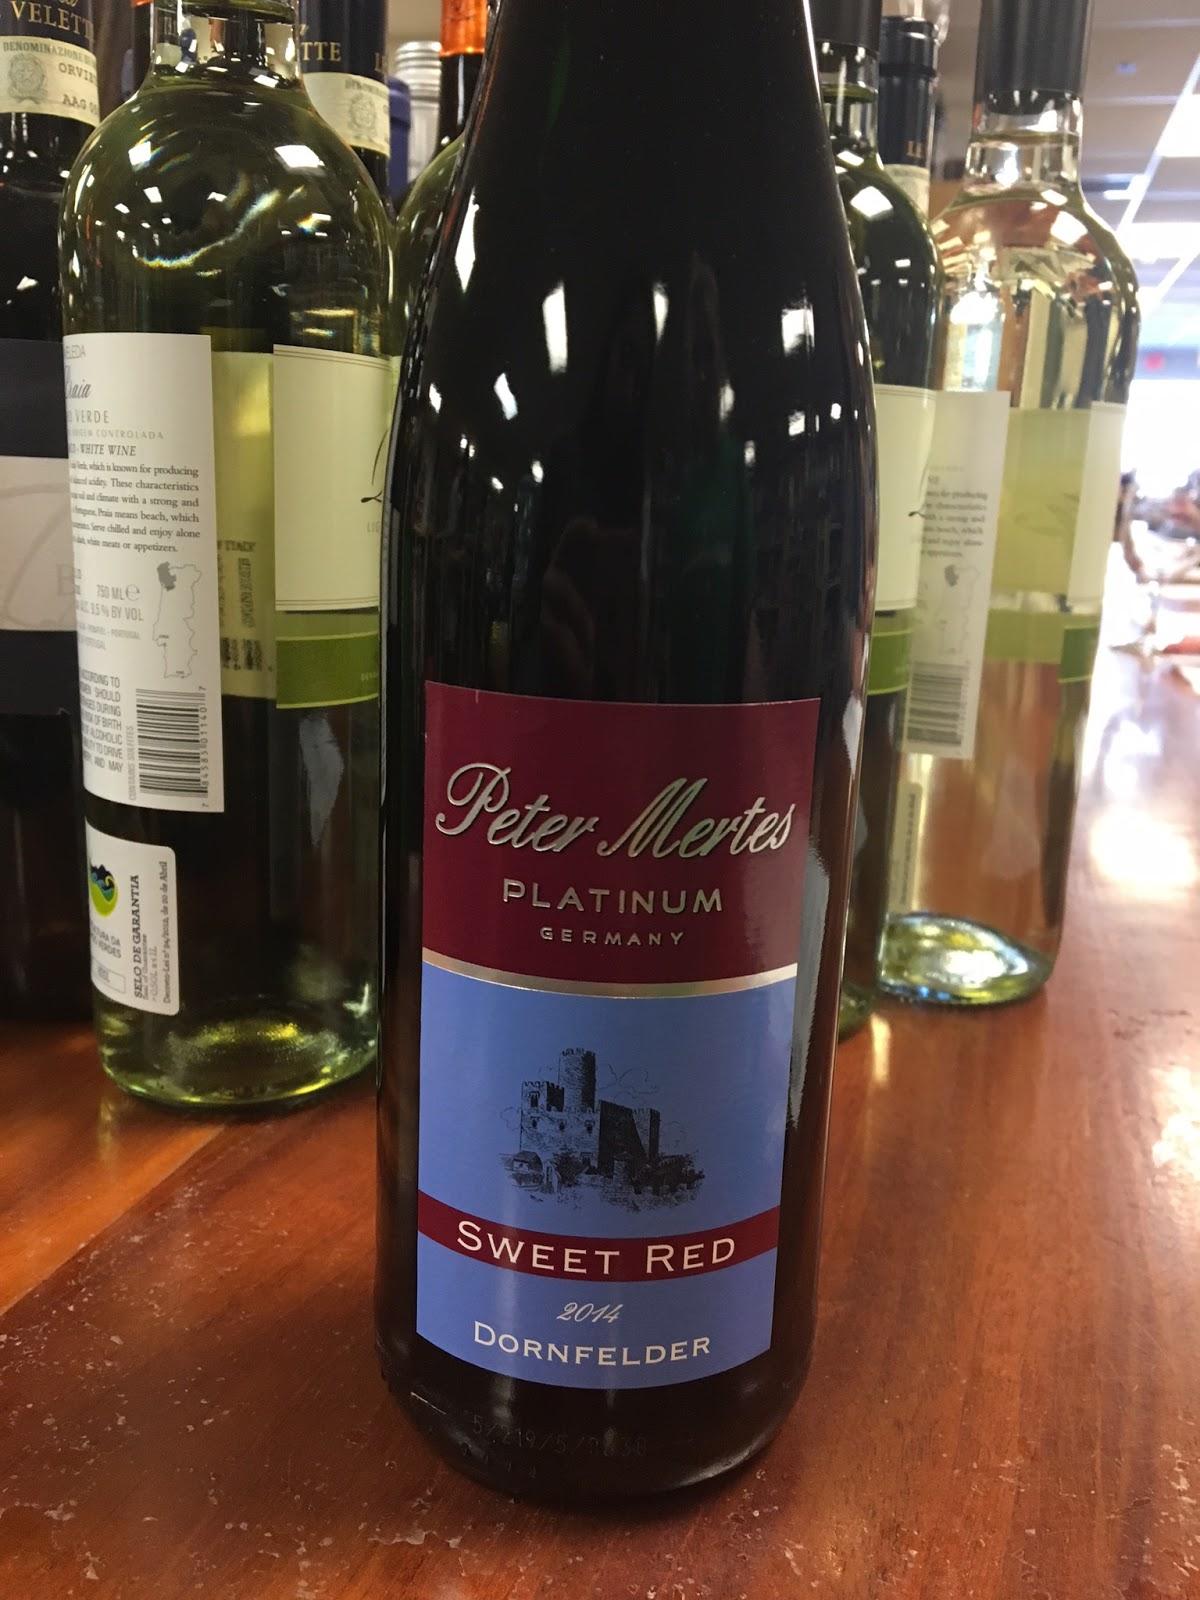 Peter Mertes Sweet Red Dornfelder Briau0027s Wine